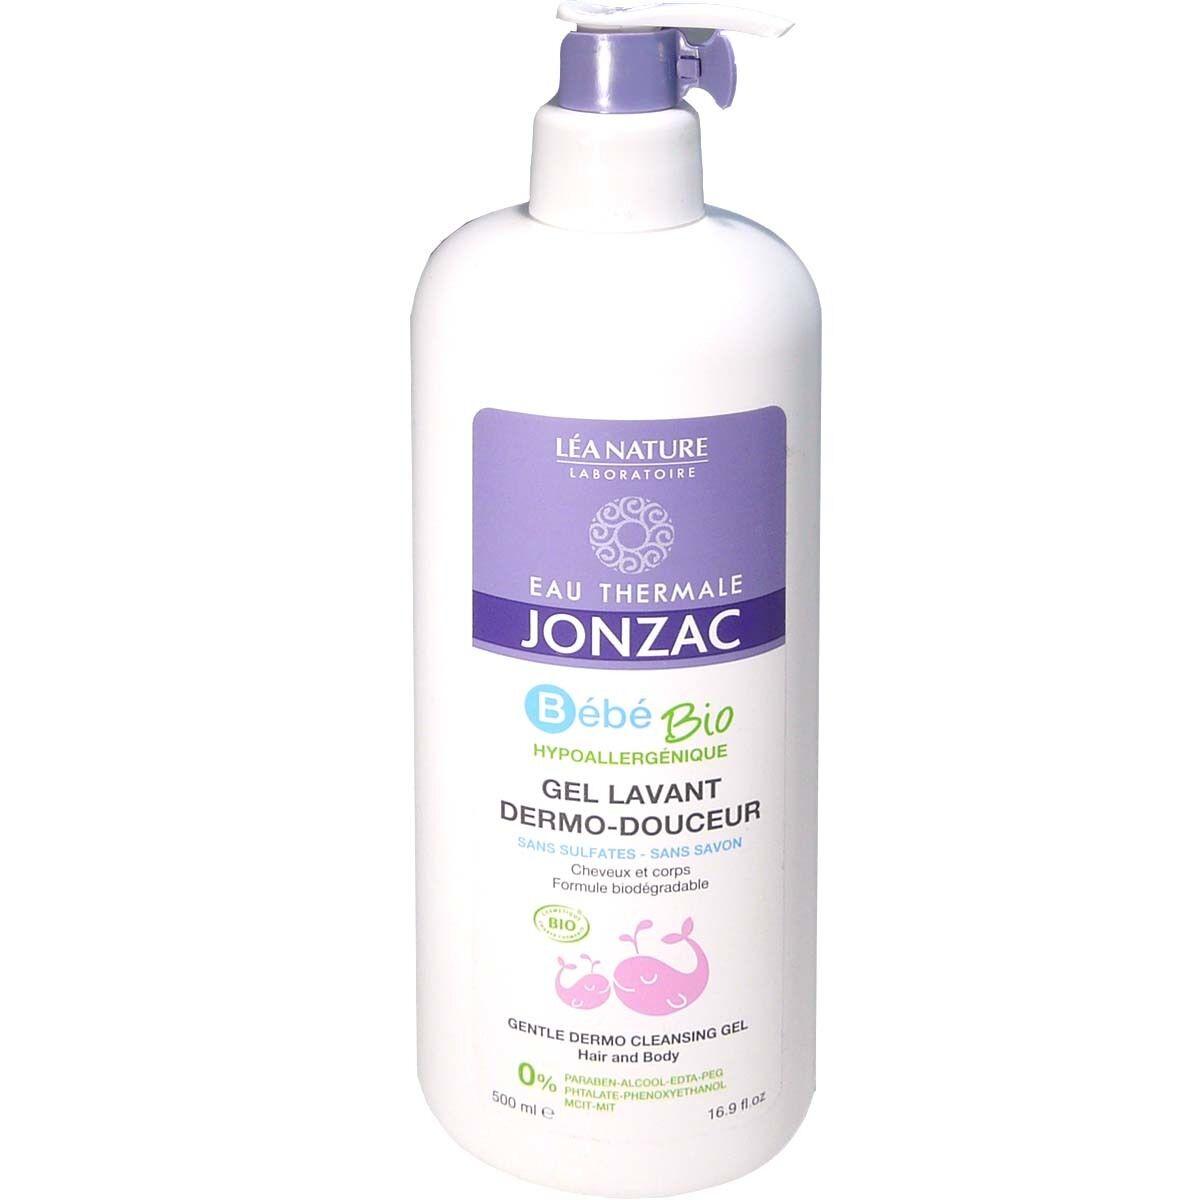 Jonzac bebe bio gel lavant dermo-douceur 500 ml